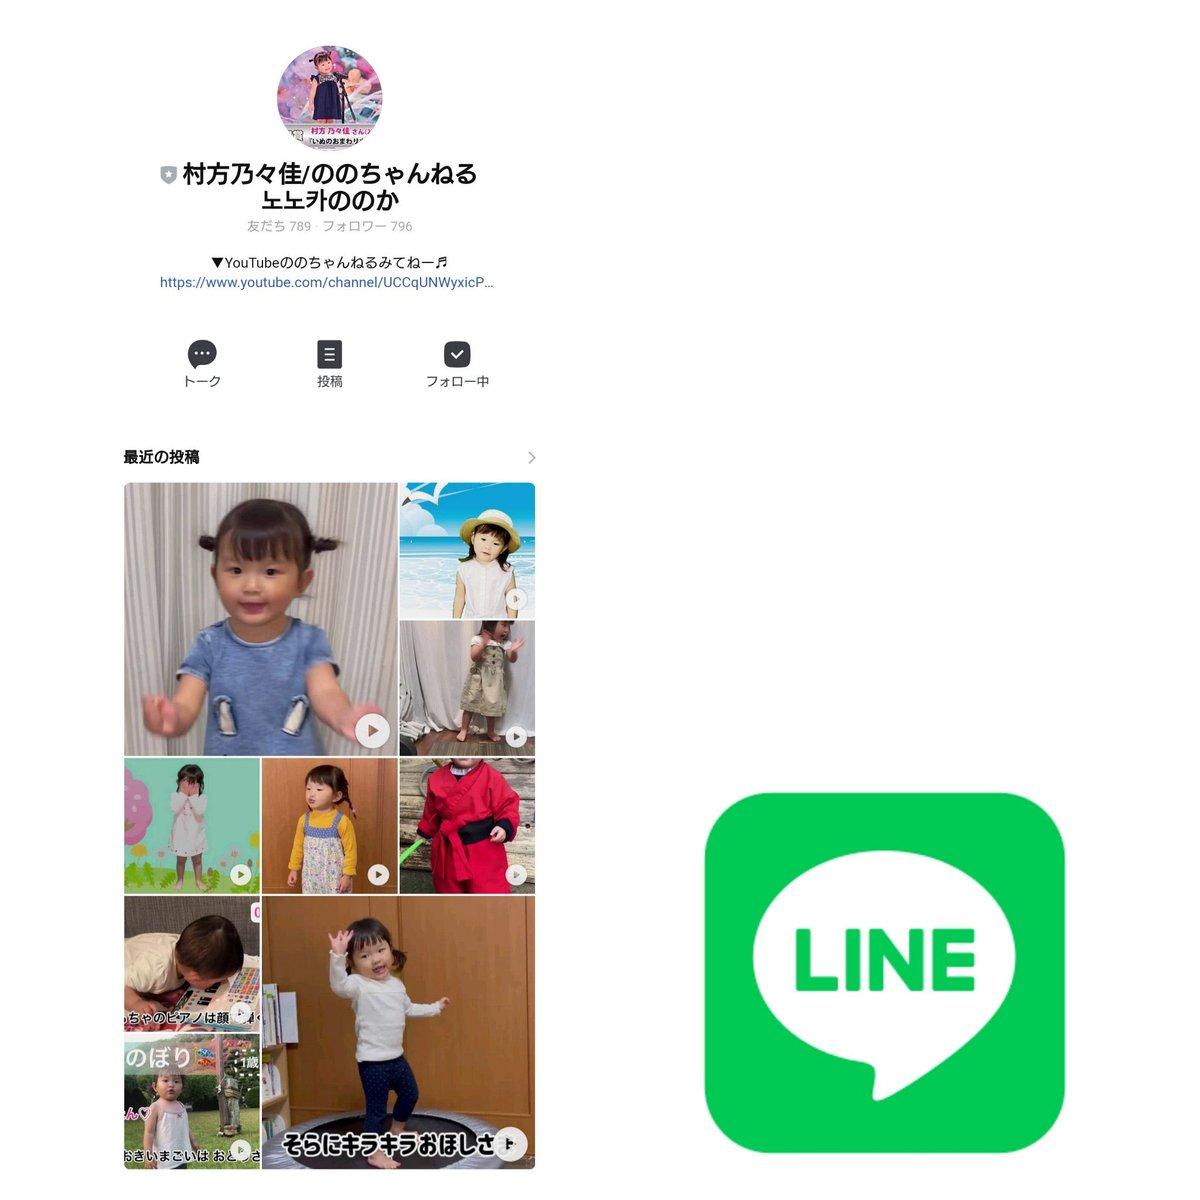 【村方乃々佳LINE公式アカウント】 ぜひお友達登録してねー❤️ 同時にLINE「タイムライン」もフォローしてもらえると嬉しいです🤗 歌動画を中心にご紹介中です♬ ◆LINE アカウント(please subscribe) lin.ee/l1cgStz ◆LINE タイムライン(please follow) timeline.line.me/user/_dTn_iVZ0…